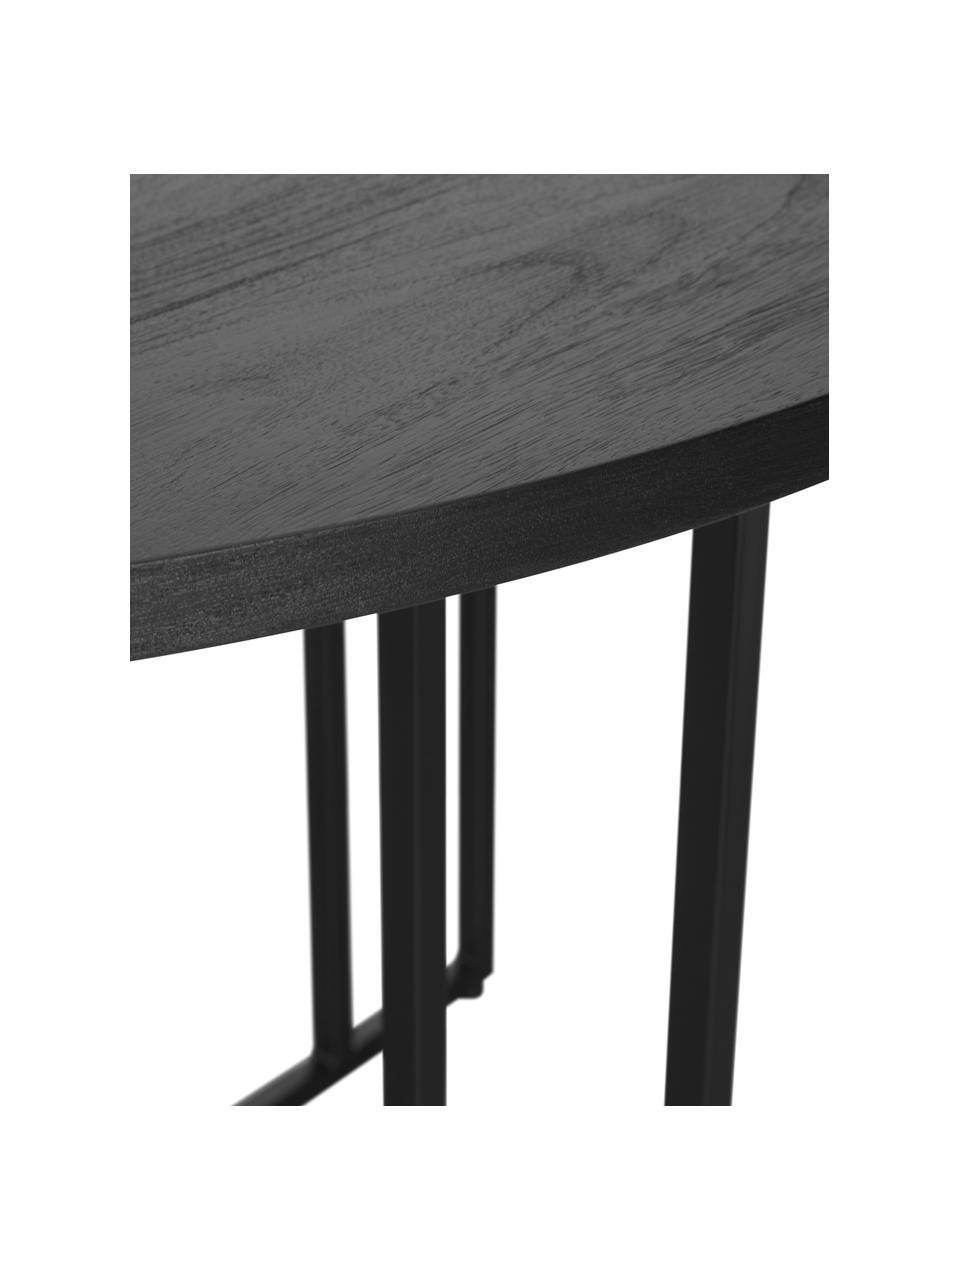 Ronde massief houten eettafel Luca in zwart, Tafelblad: geborsteld en gelakt mass, Frame: gepoedercoat metaal, Tafelblad: zwart gelakt mangohout. Frame: mat zwart, Ø 120 x H 75 cm